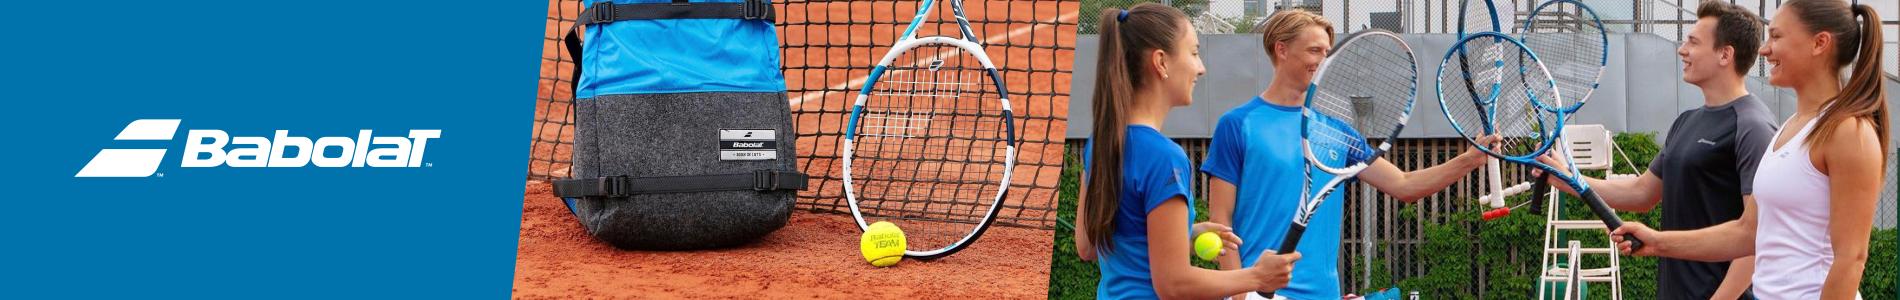 Babolat Tenis Ekipman ve Aksesuarları